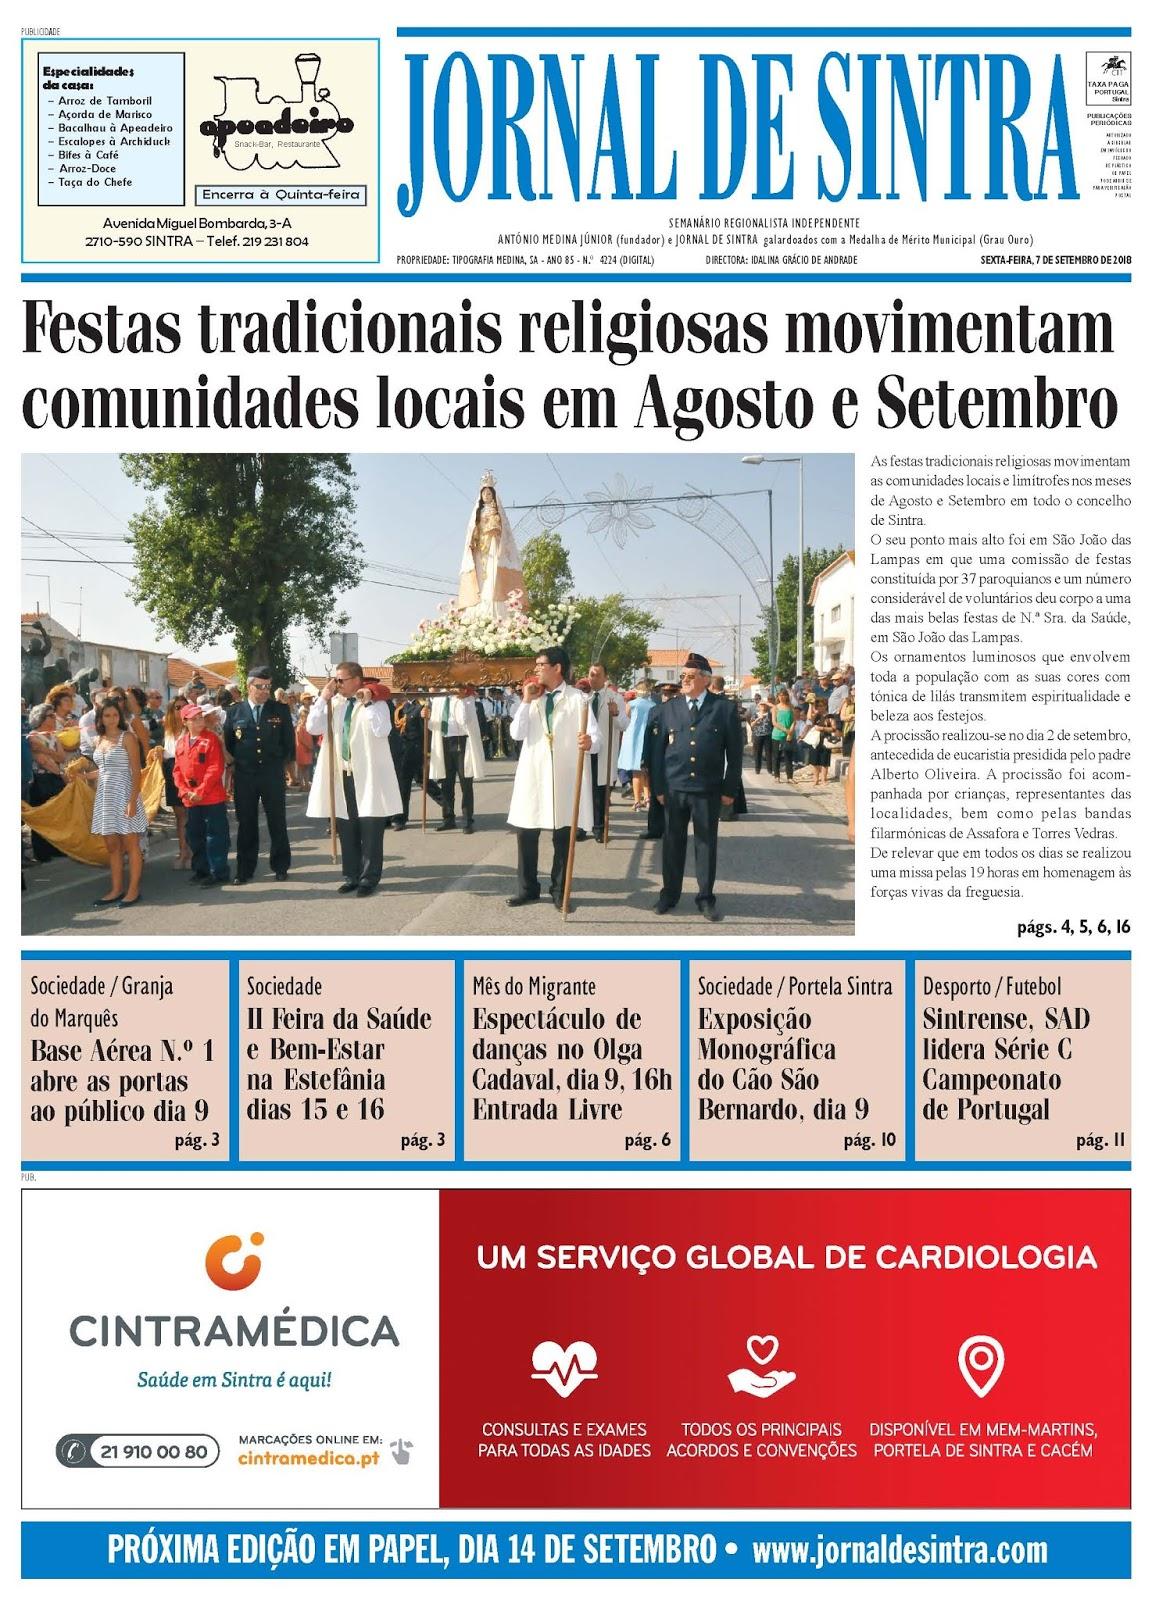 Capa da edição de 07-09-2018